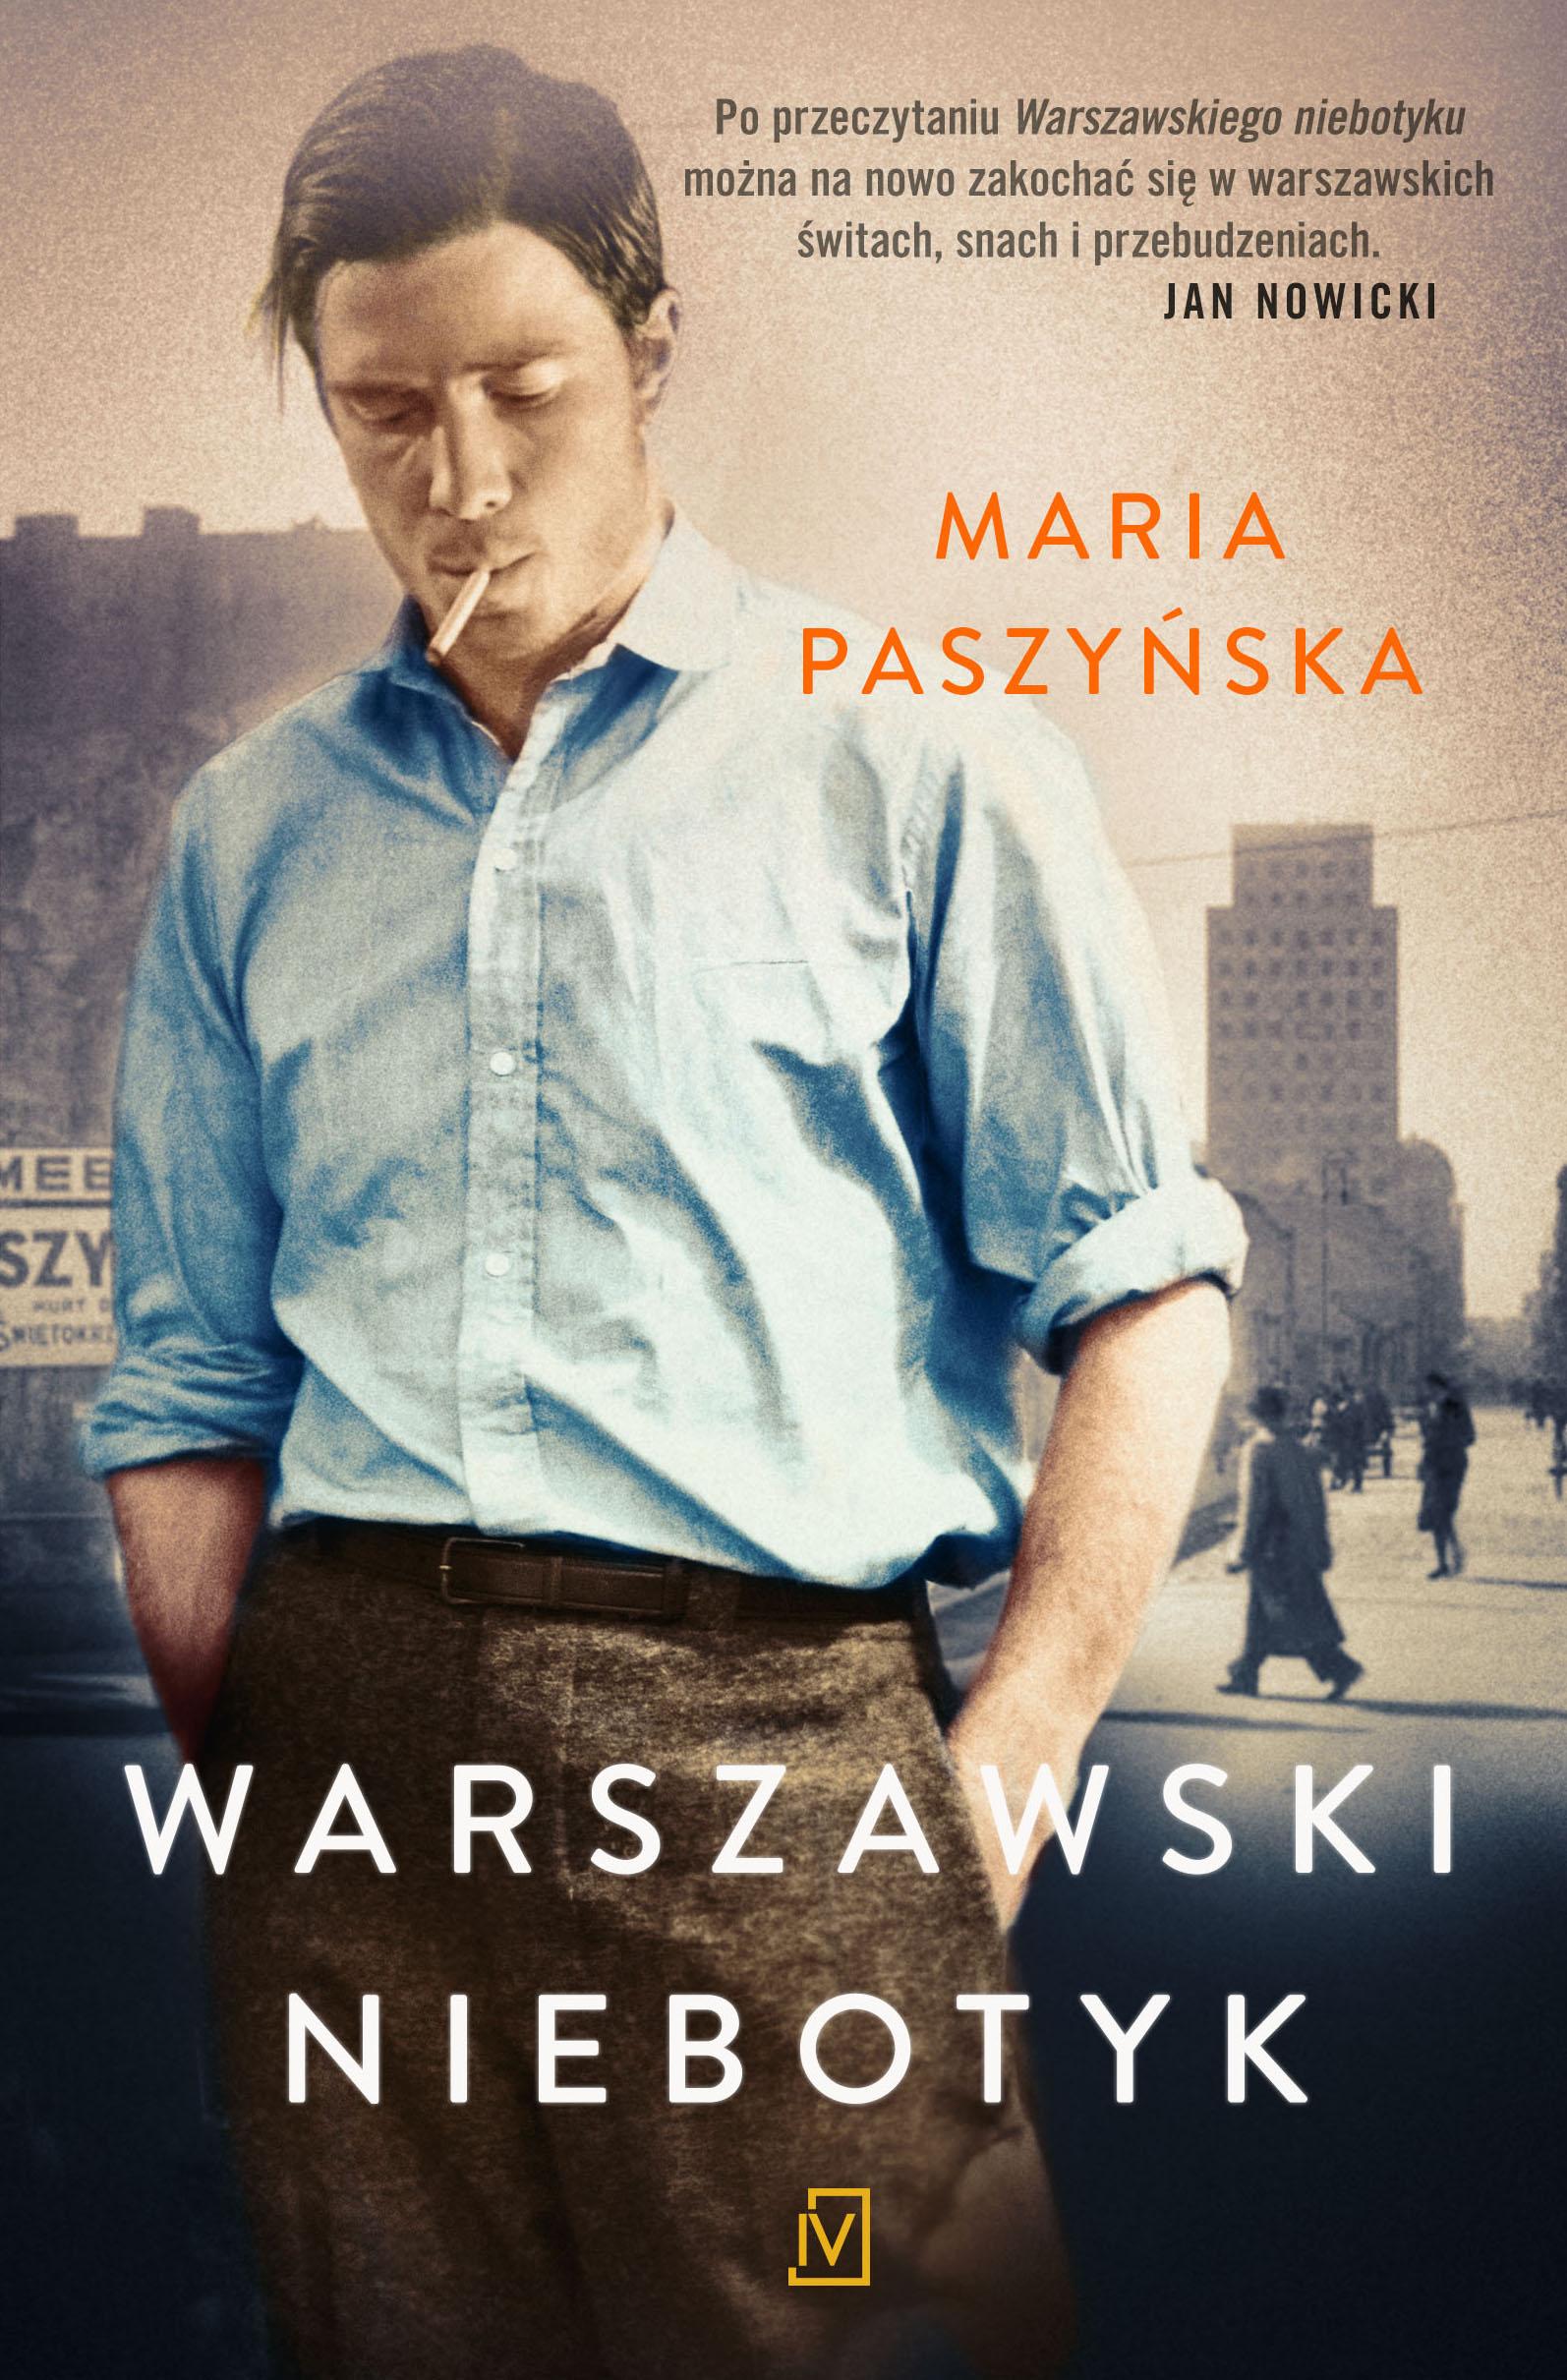 Warszawski-Niebotyk-300dpi (2)(1)